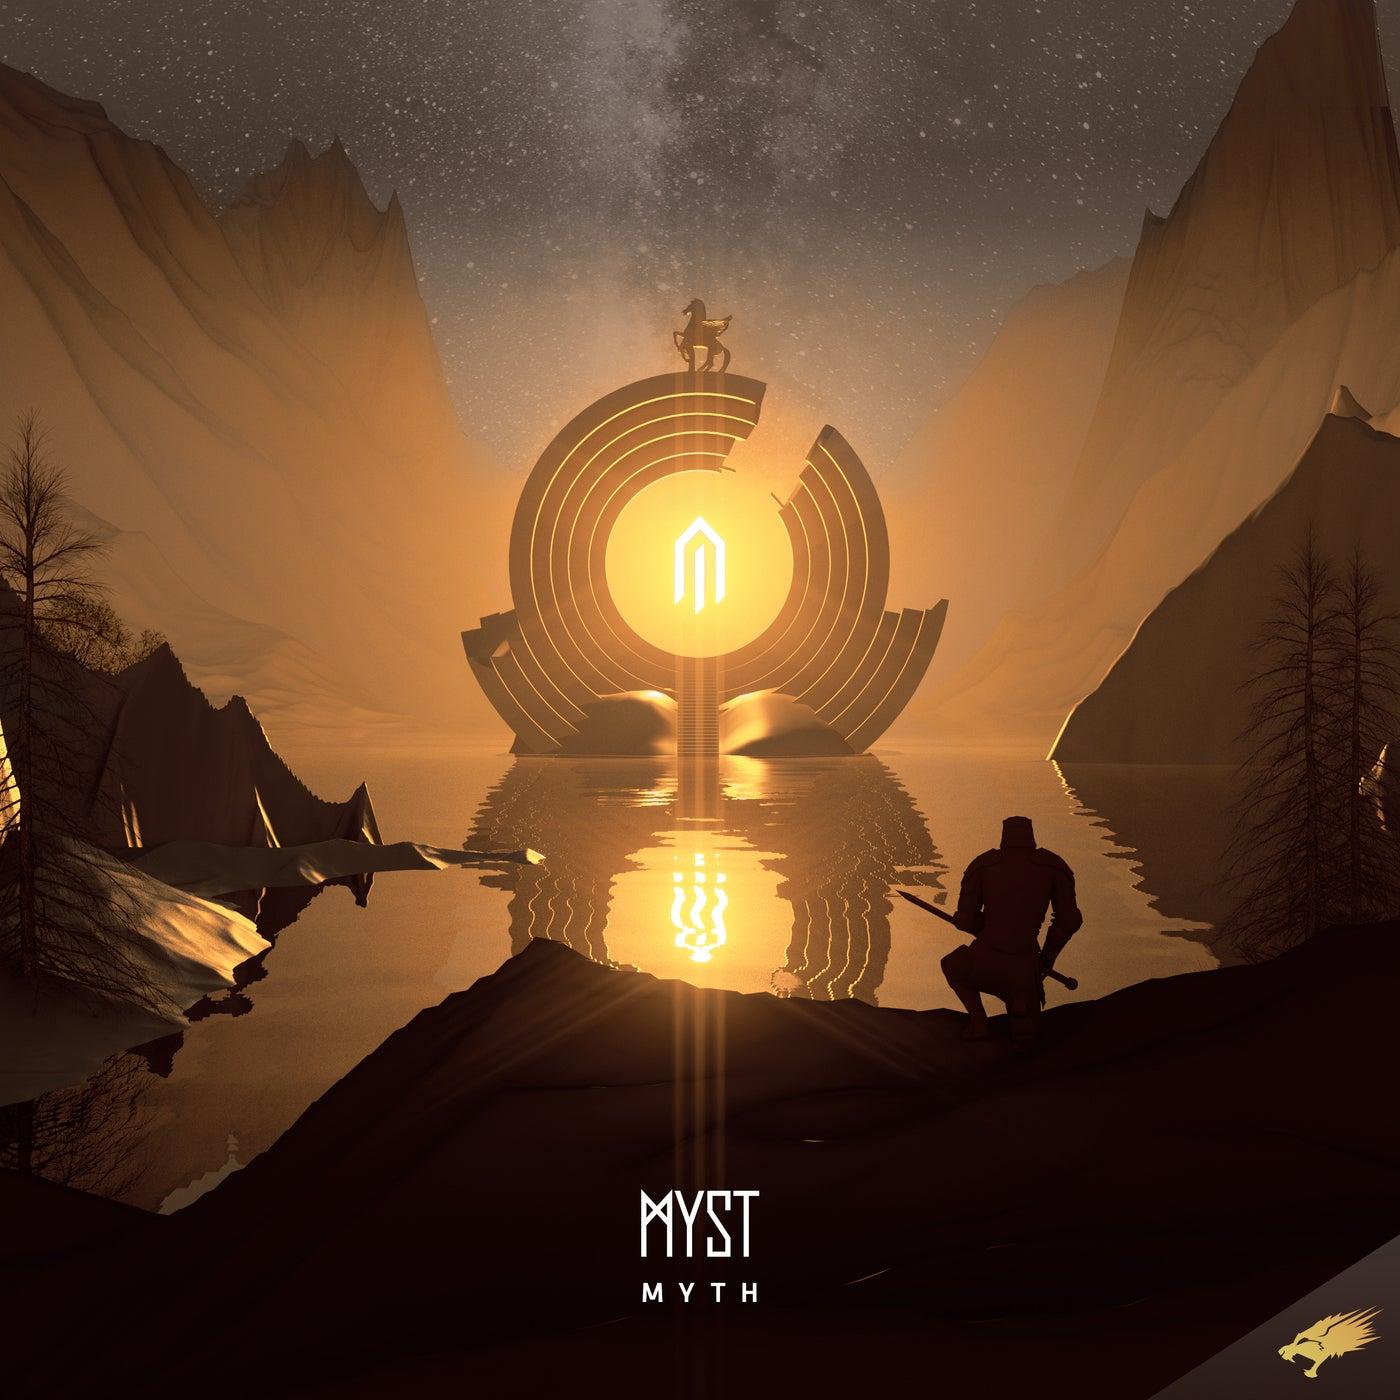 MYTH (Extended Mix)